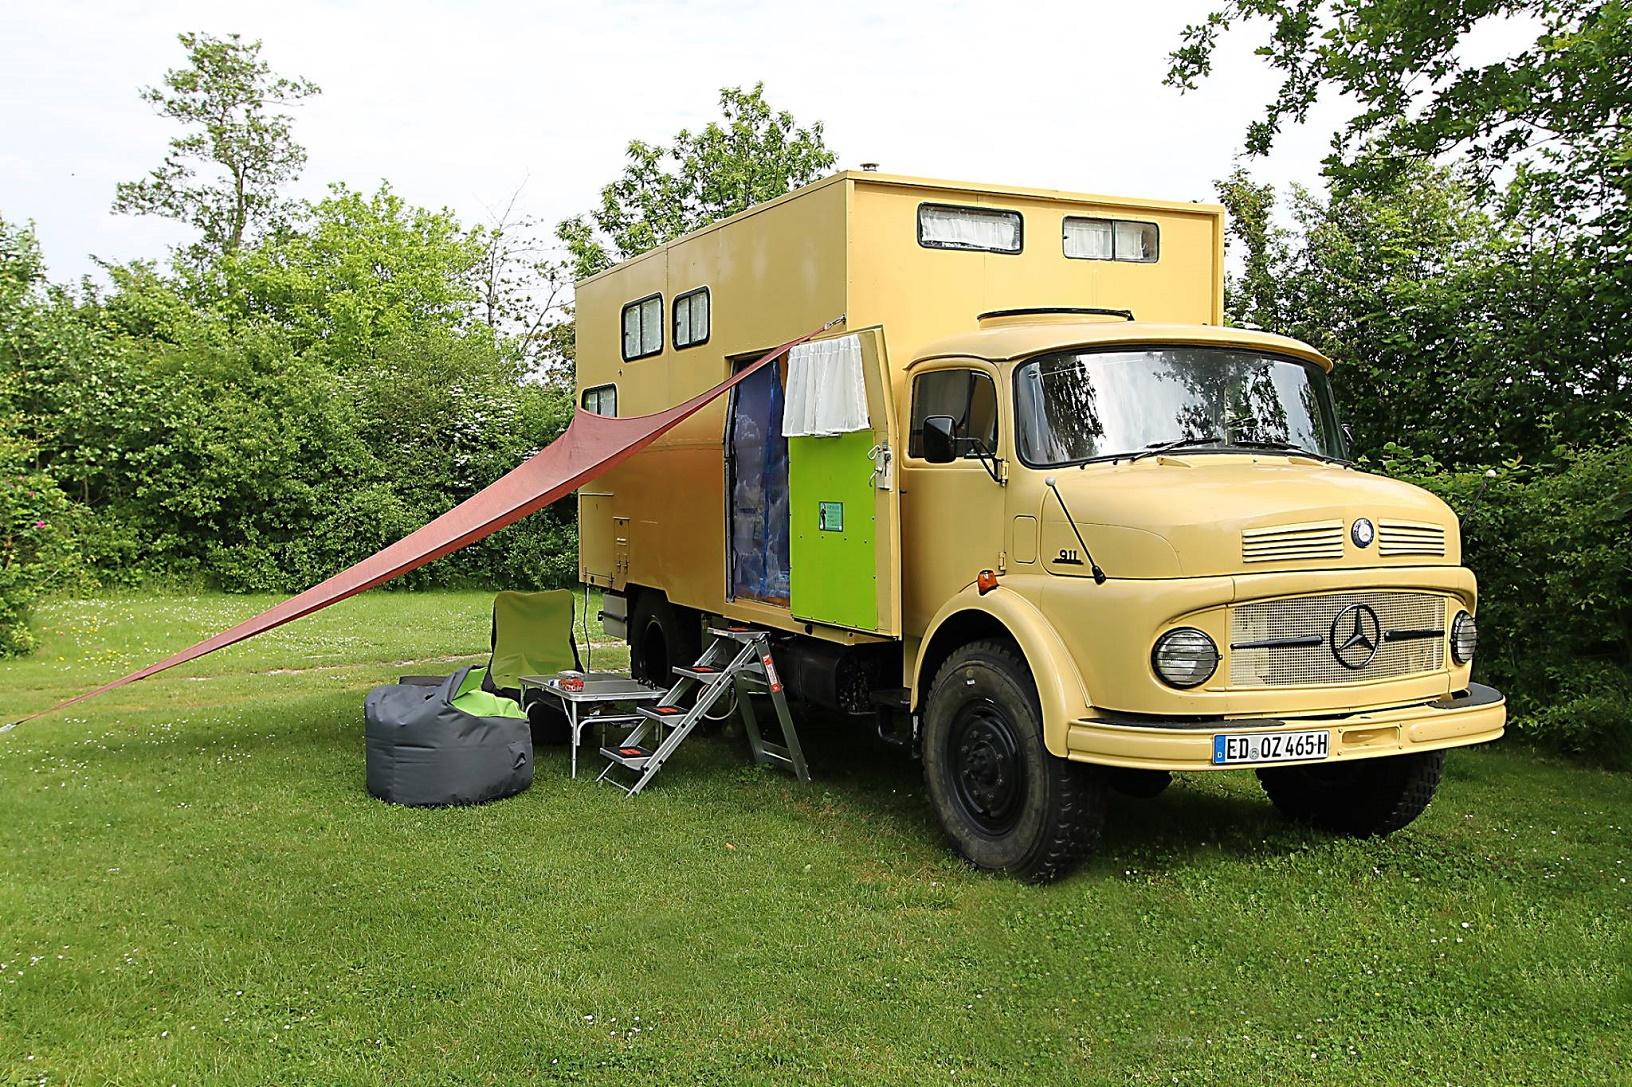 Mit diesem zu einem Wohnmobil umgebauten, kultigen Mercedes-Benz LKW aus dem Jahre 1966 sind Robby und Stefan unterwegs.